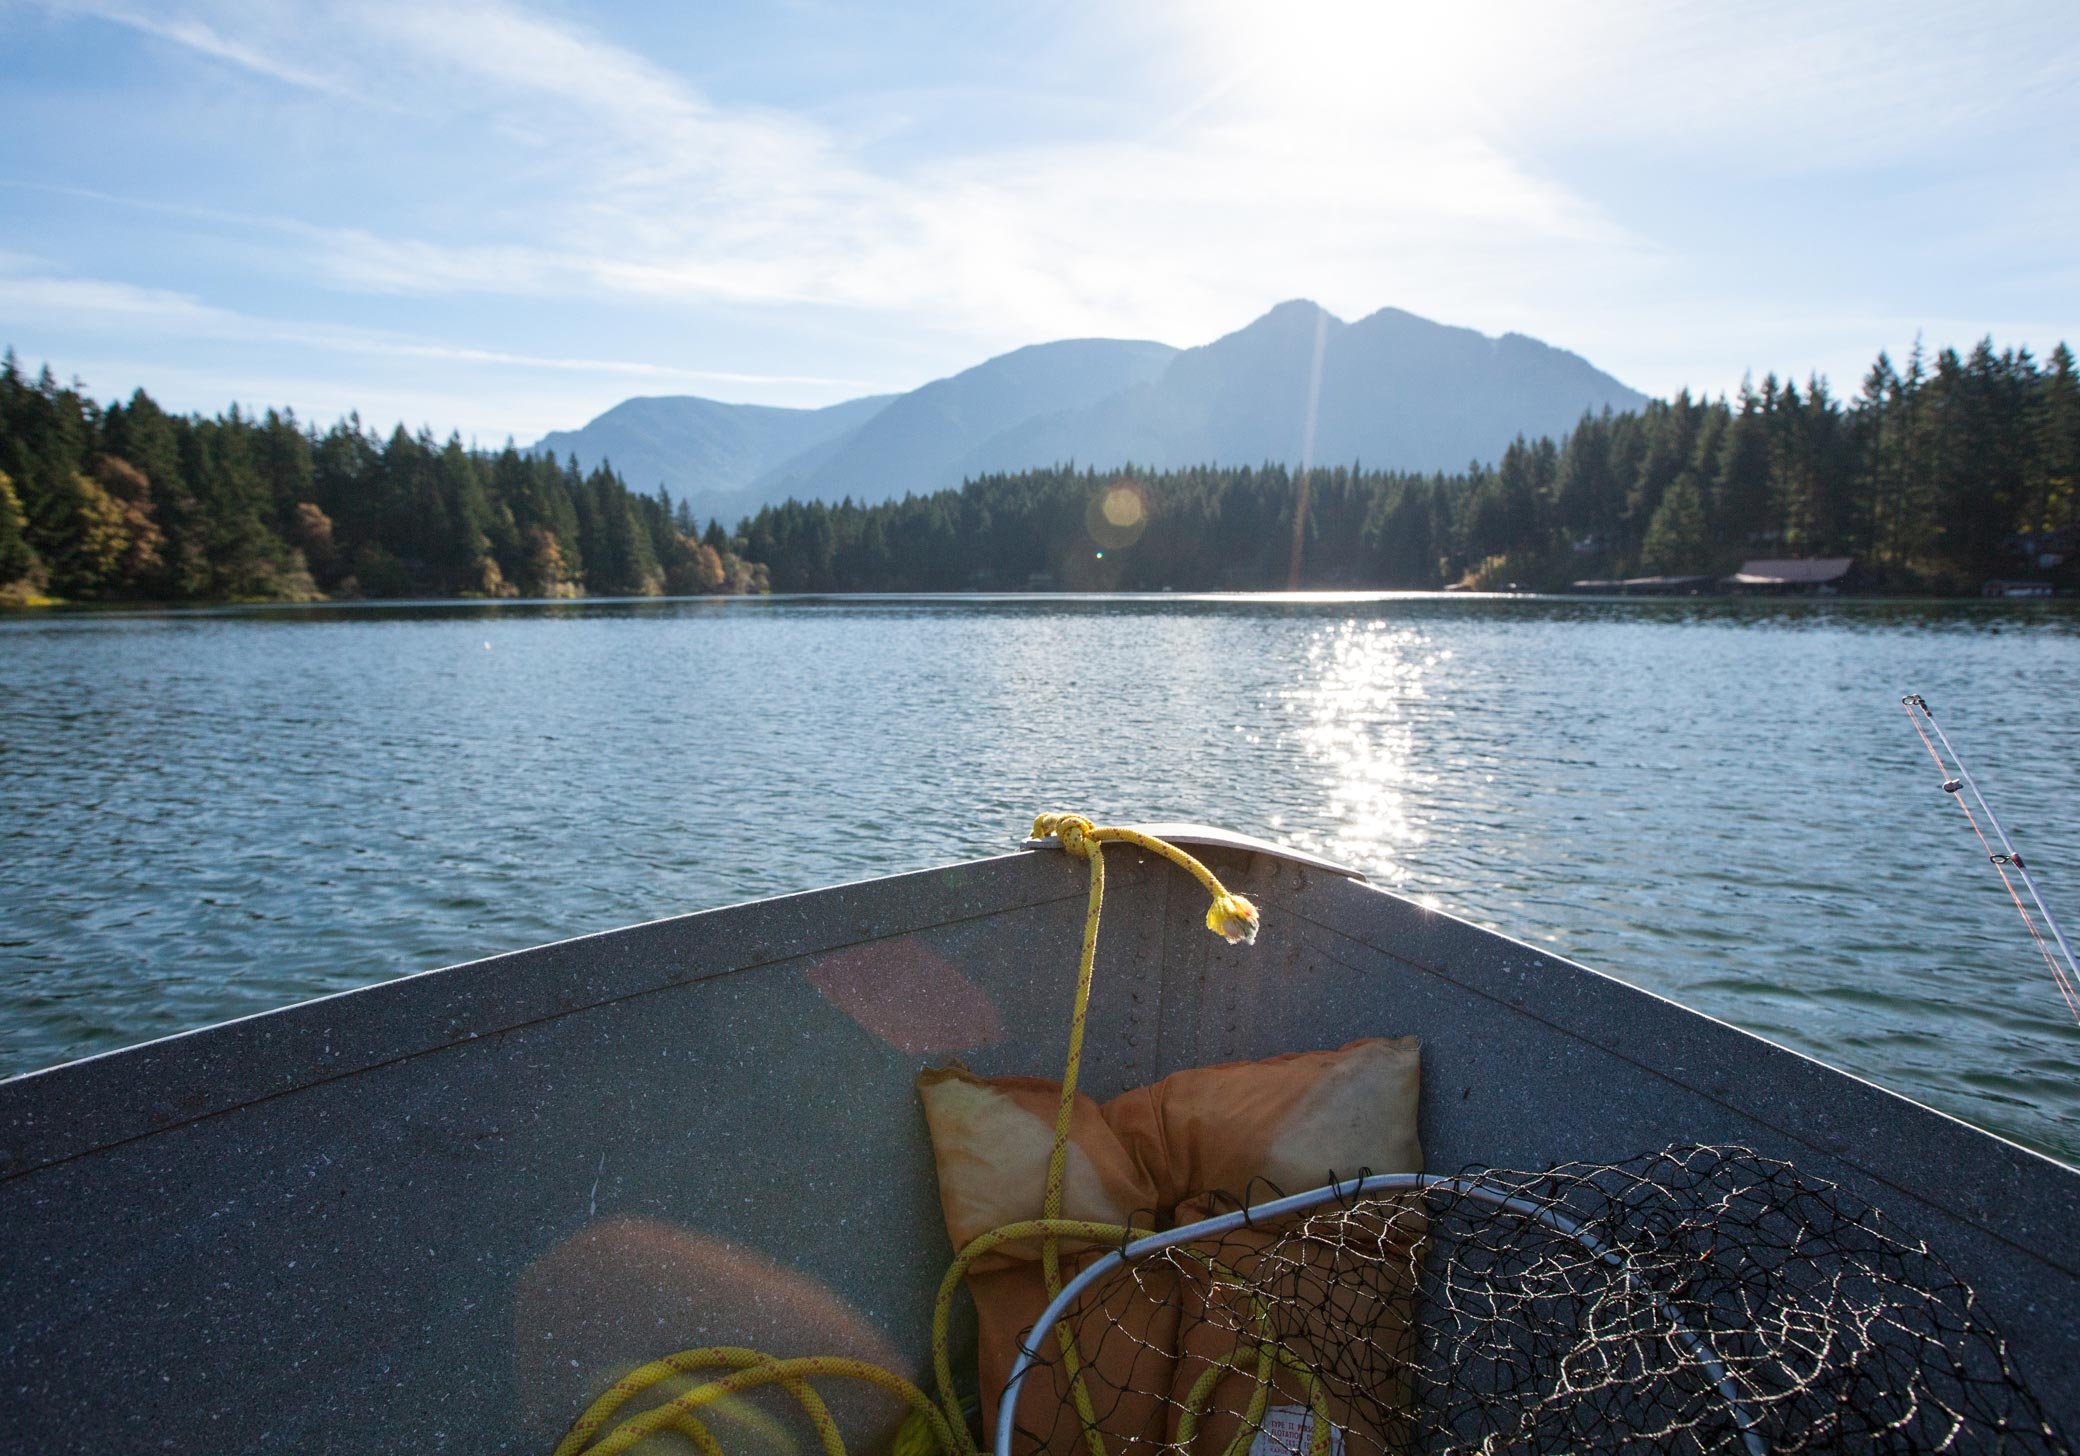 06_shelly_strazis_paddleboarder_karen_wrenn_portland_canoe_open_water_L.jpg